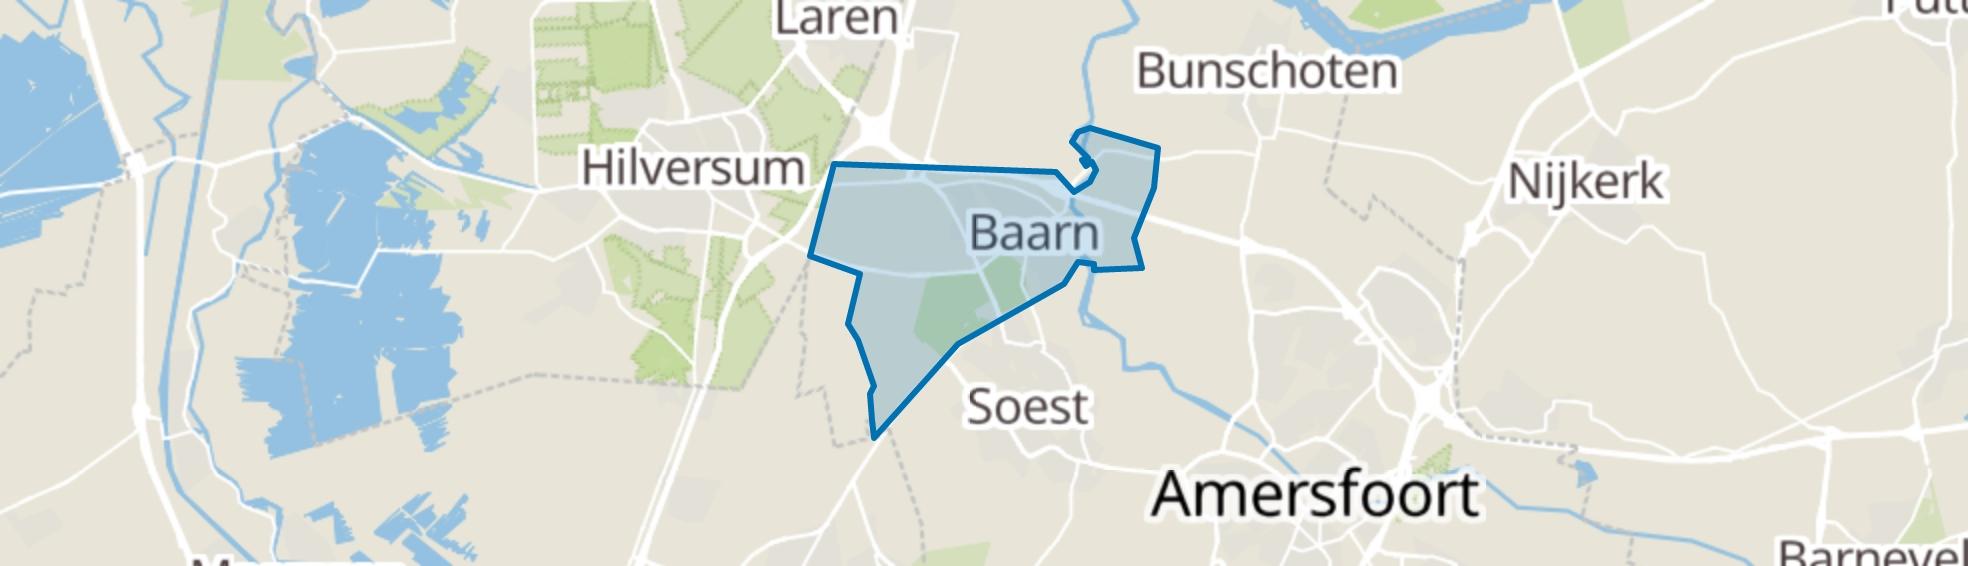 Baarn map